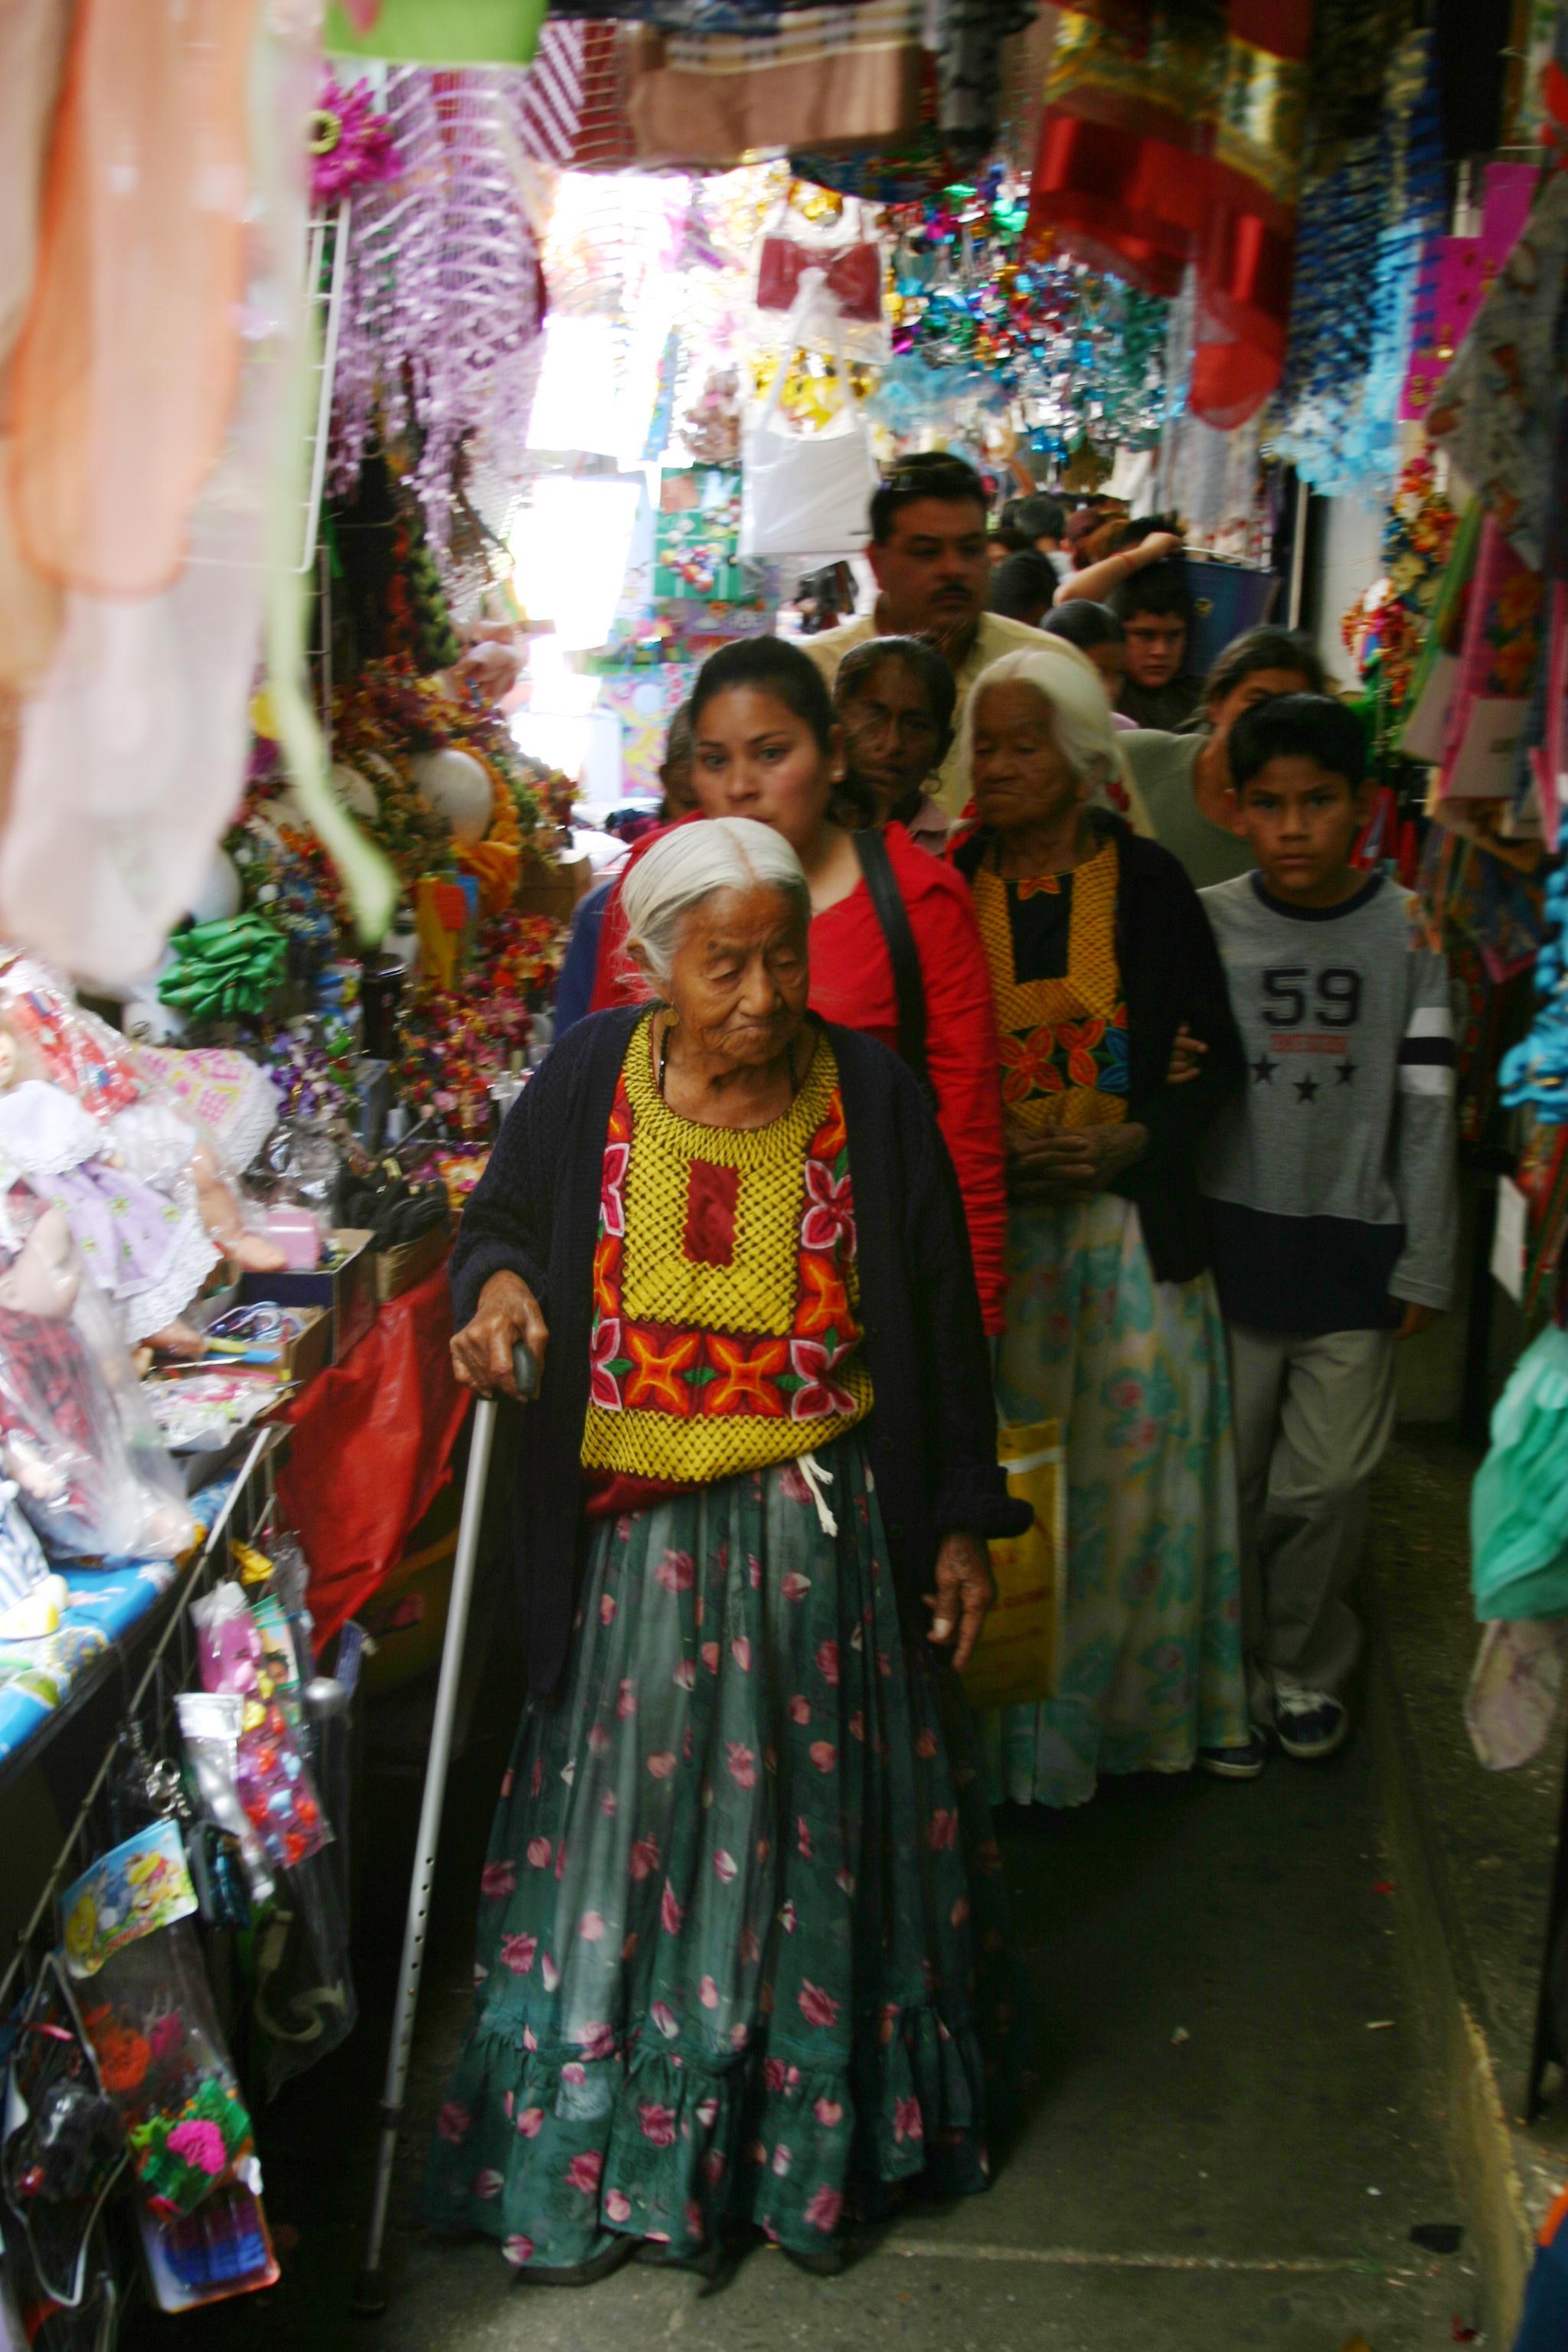 Jardin Juarez and Market Hall